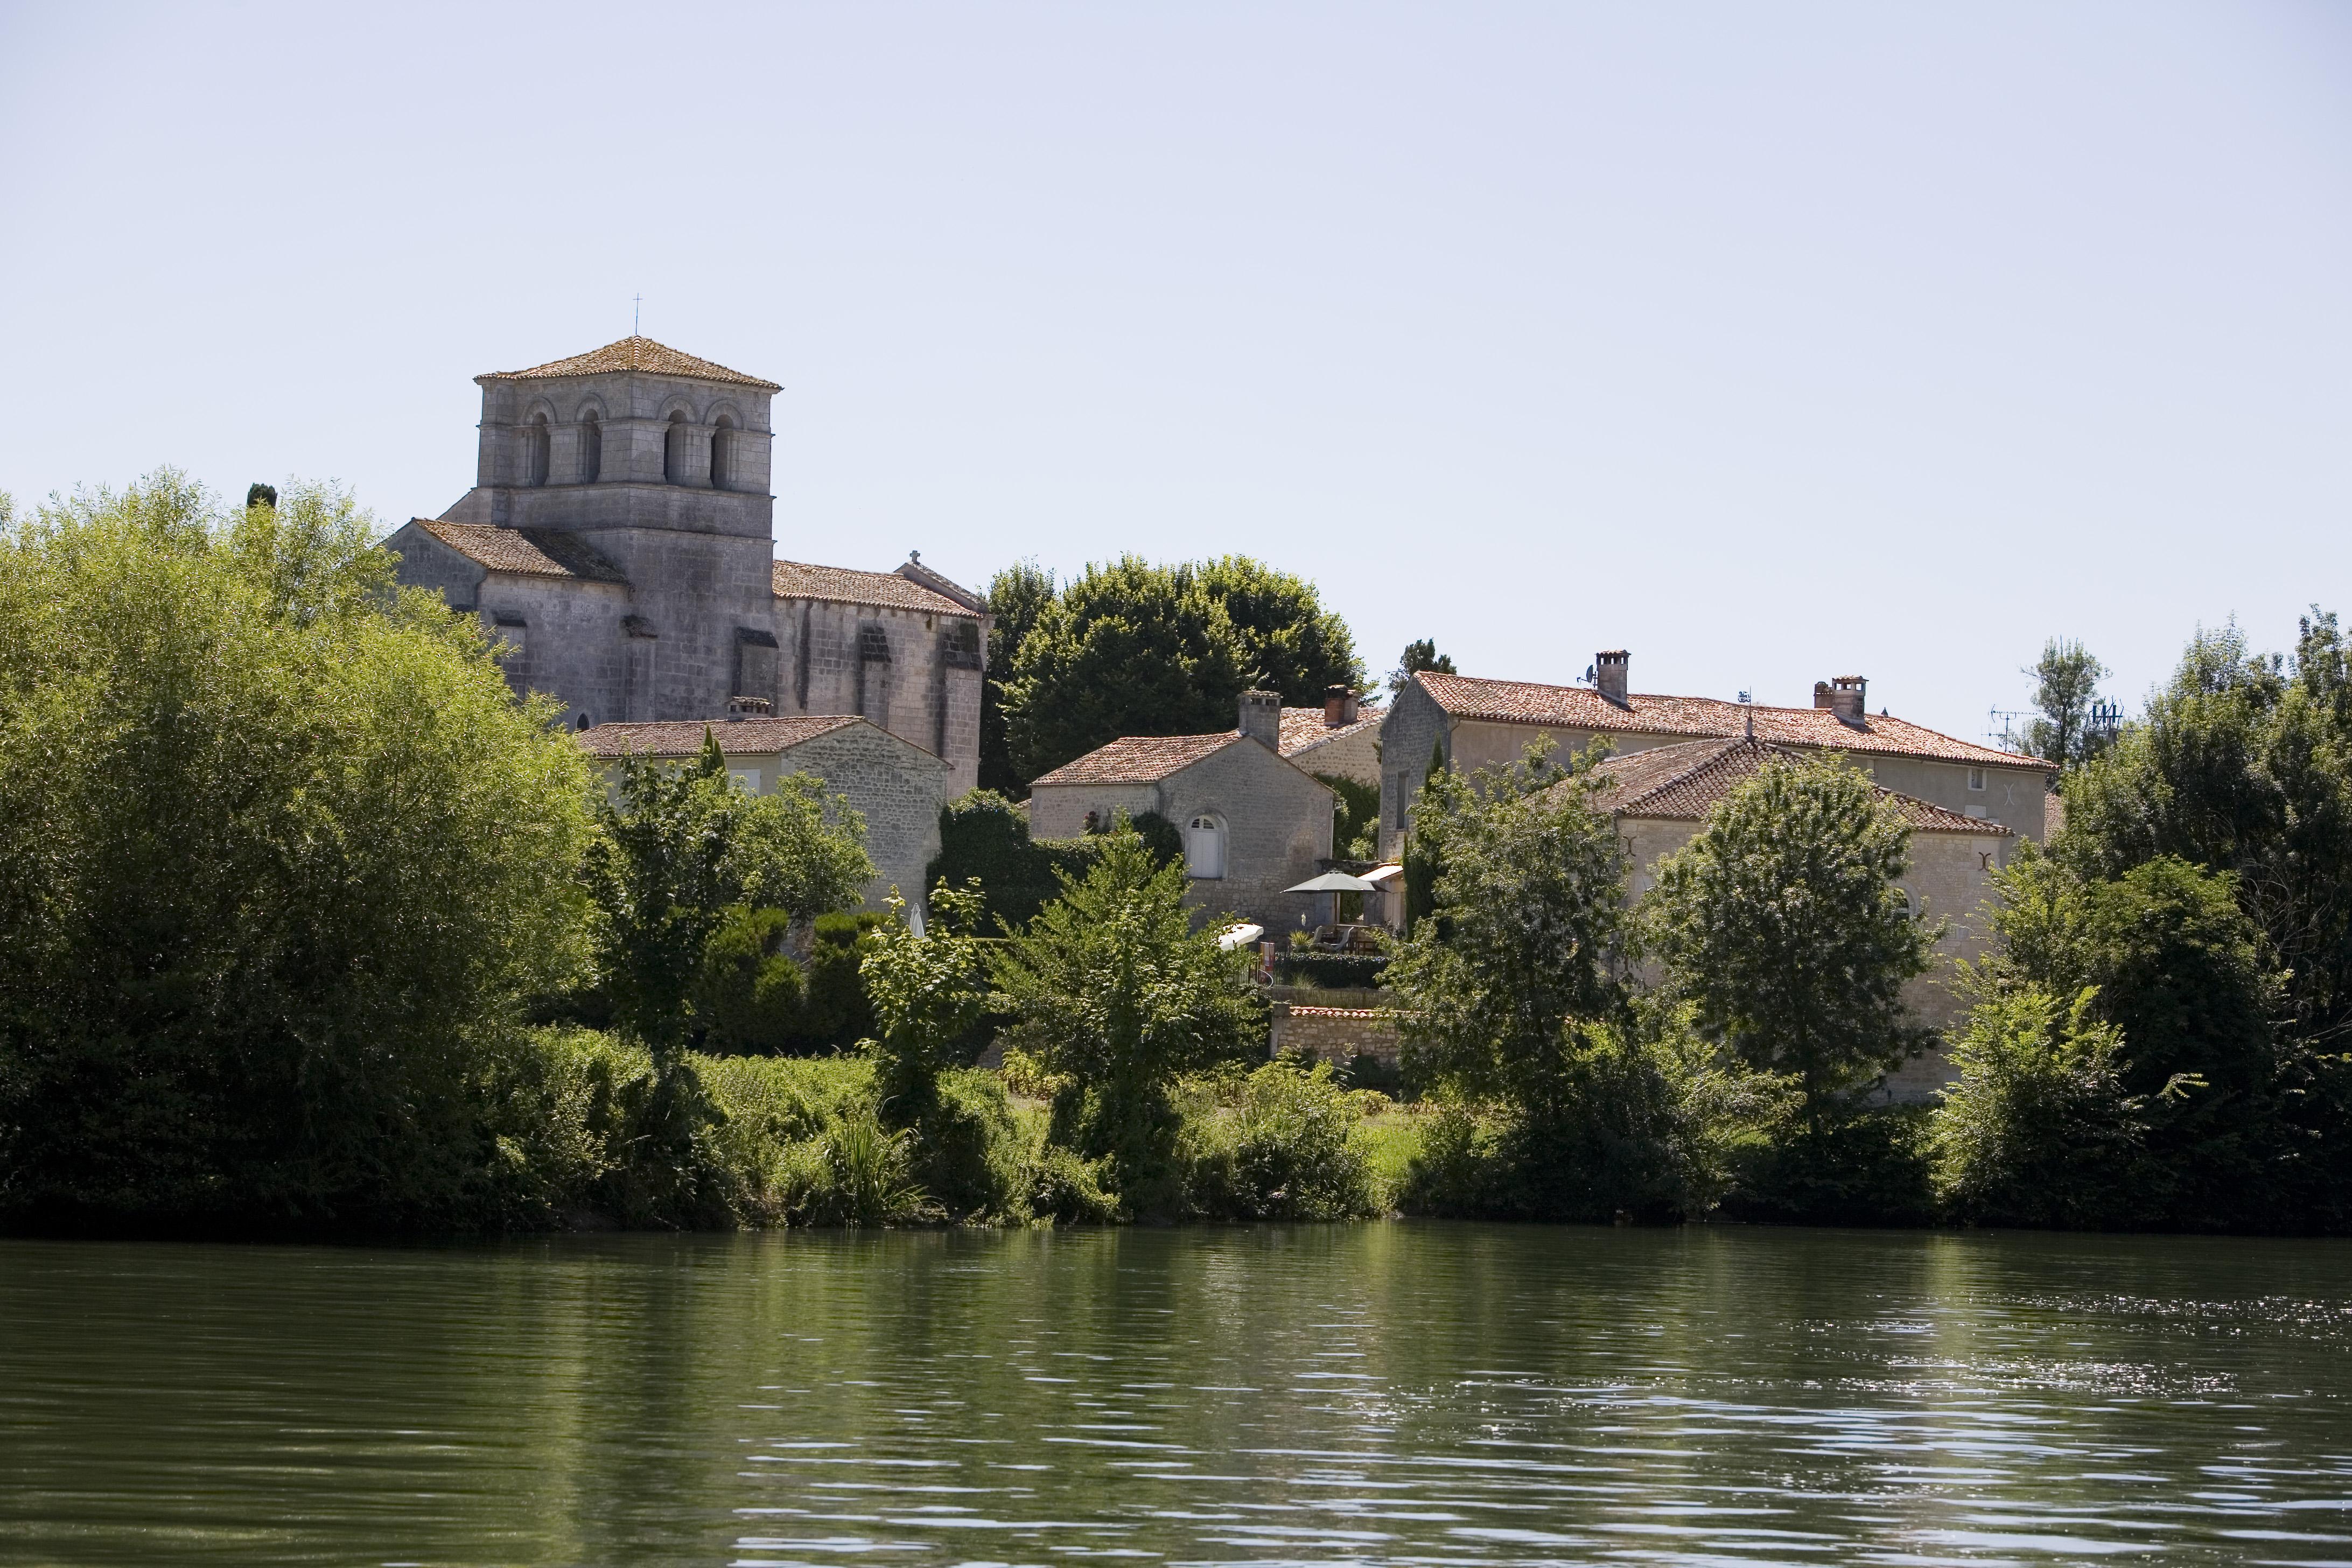 eglise grave saint amant 1601 bateaux nicols inter croisieres sireuil charentestourisme.jpg